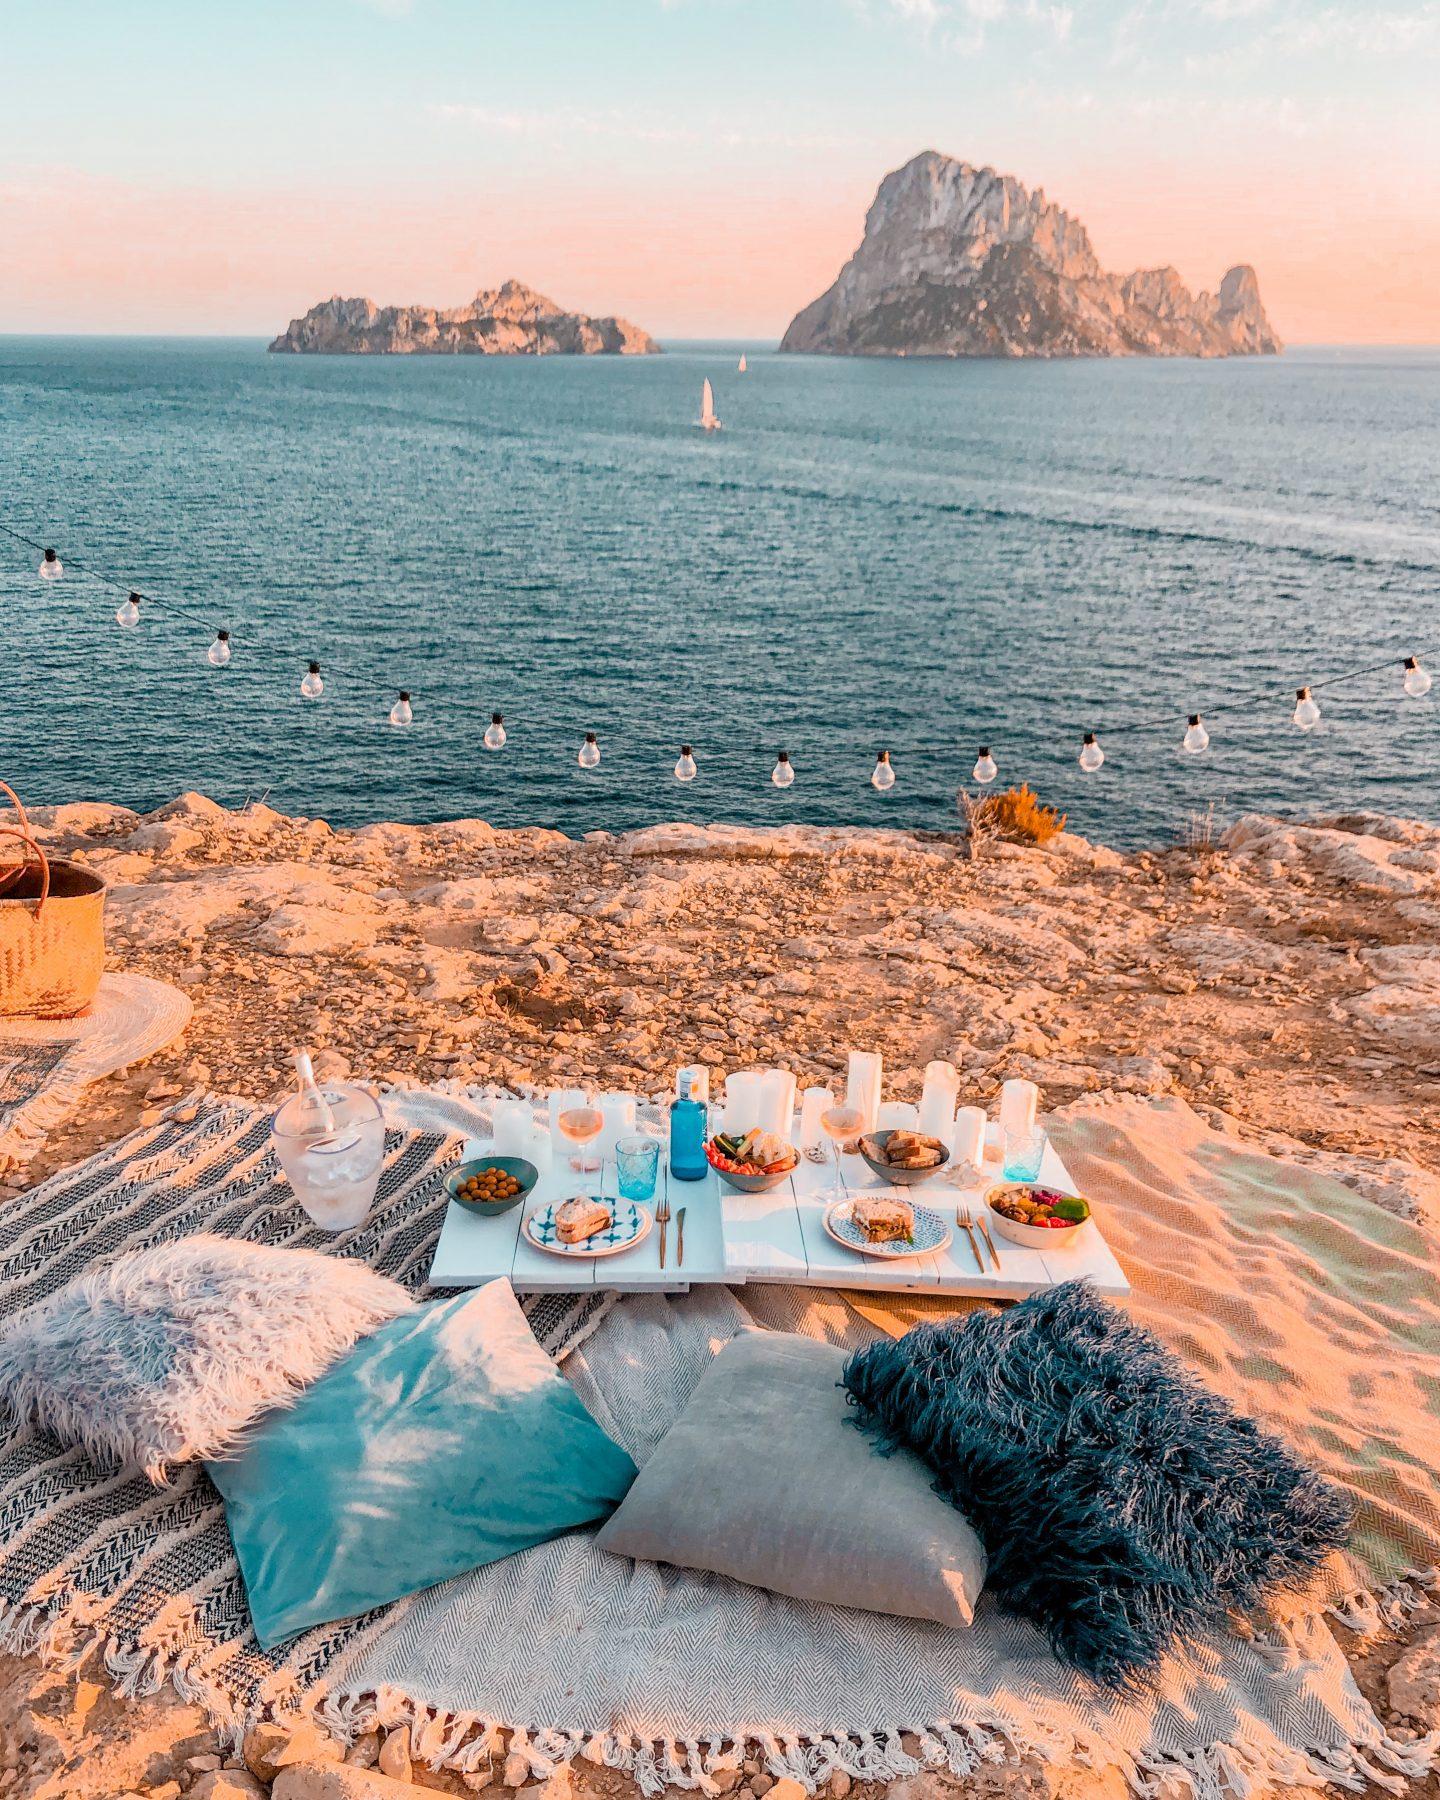 Dónde comer en Ibiza: restaurantes recomendados